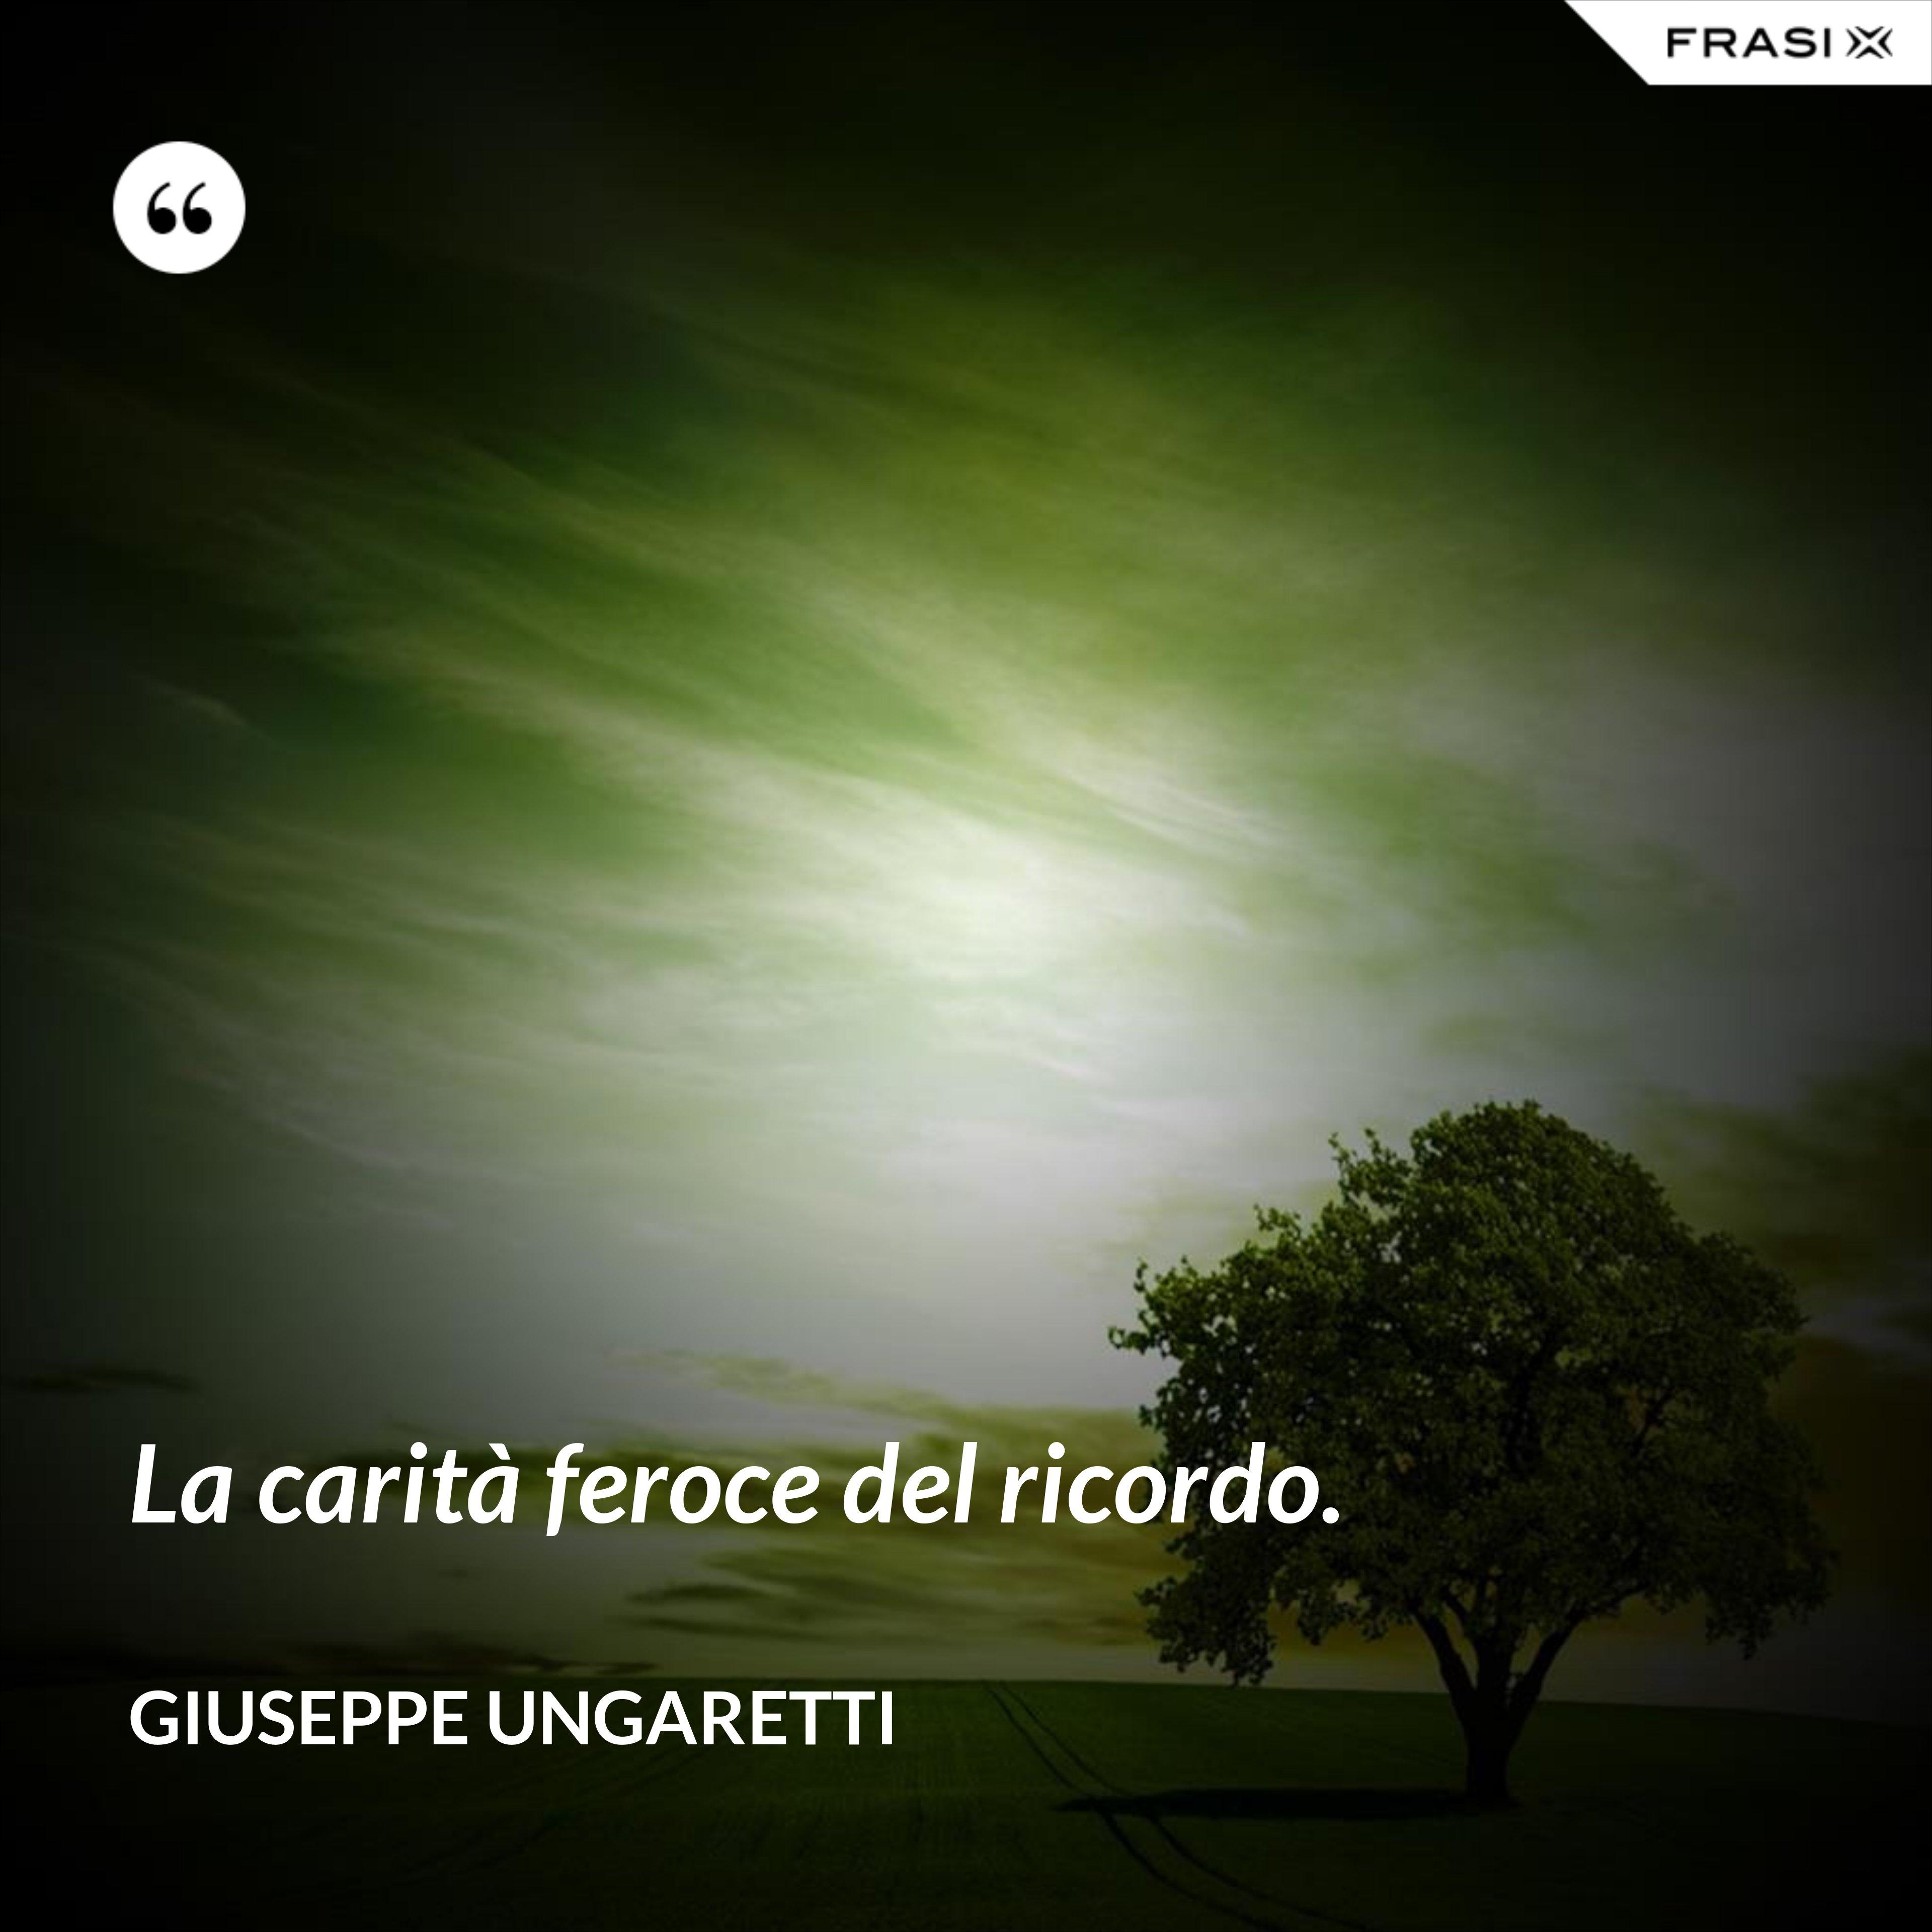 La carità feroce del ricordo. - Giuseppe Ungaretti